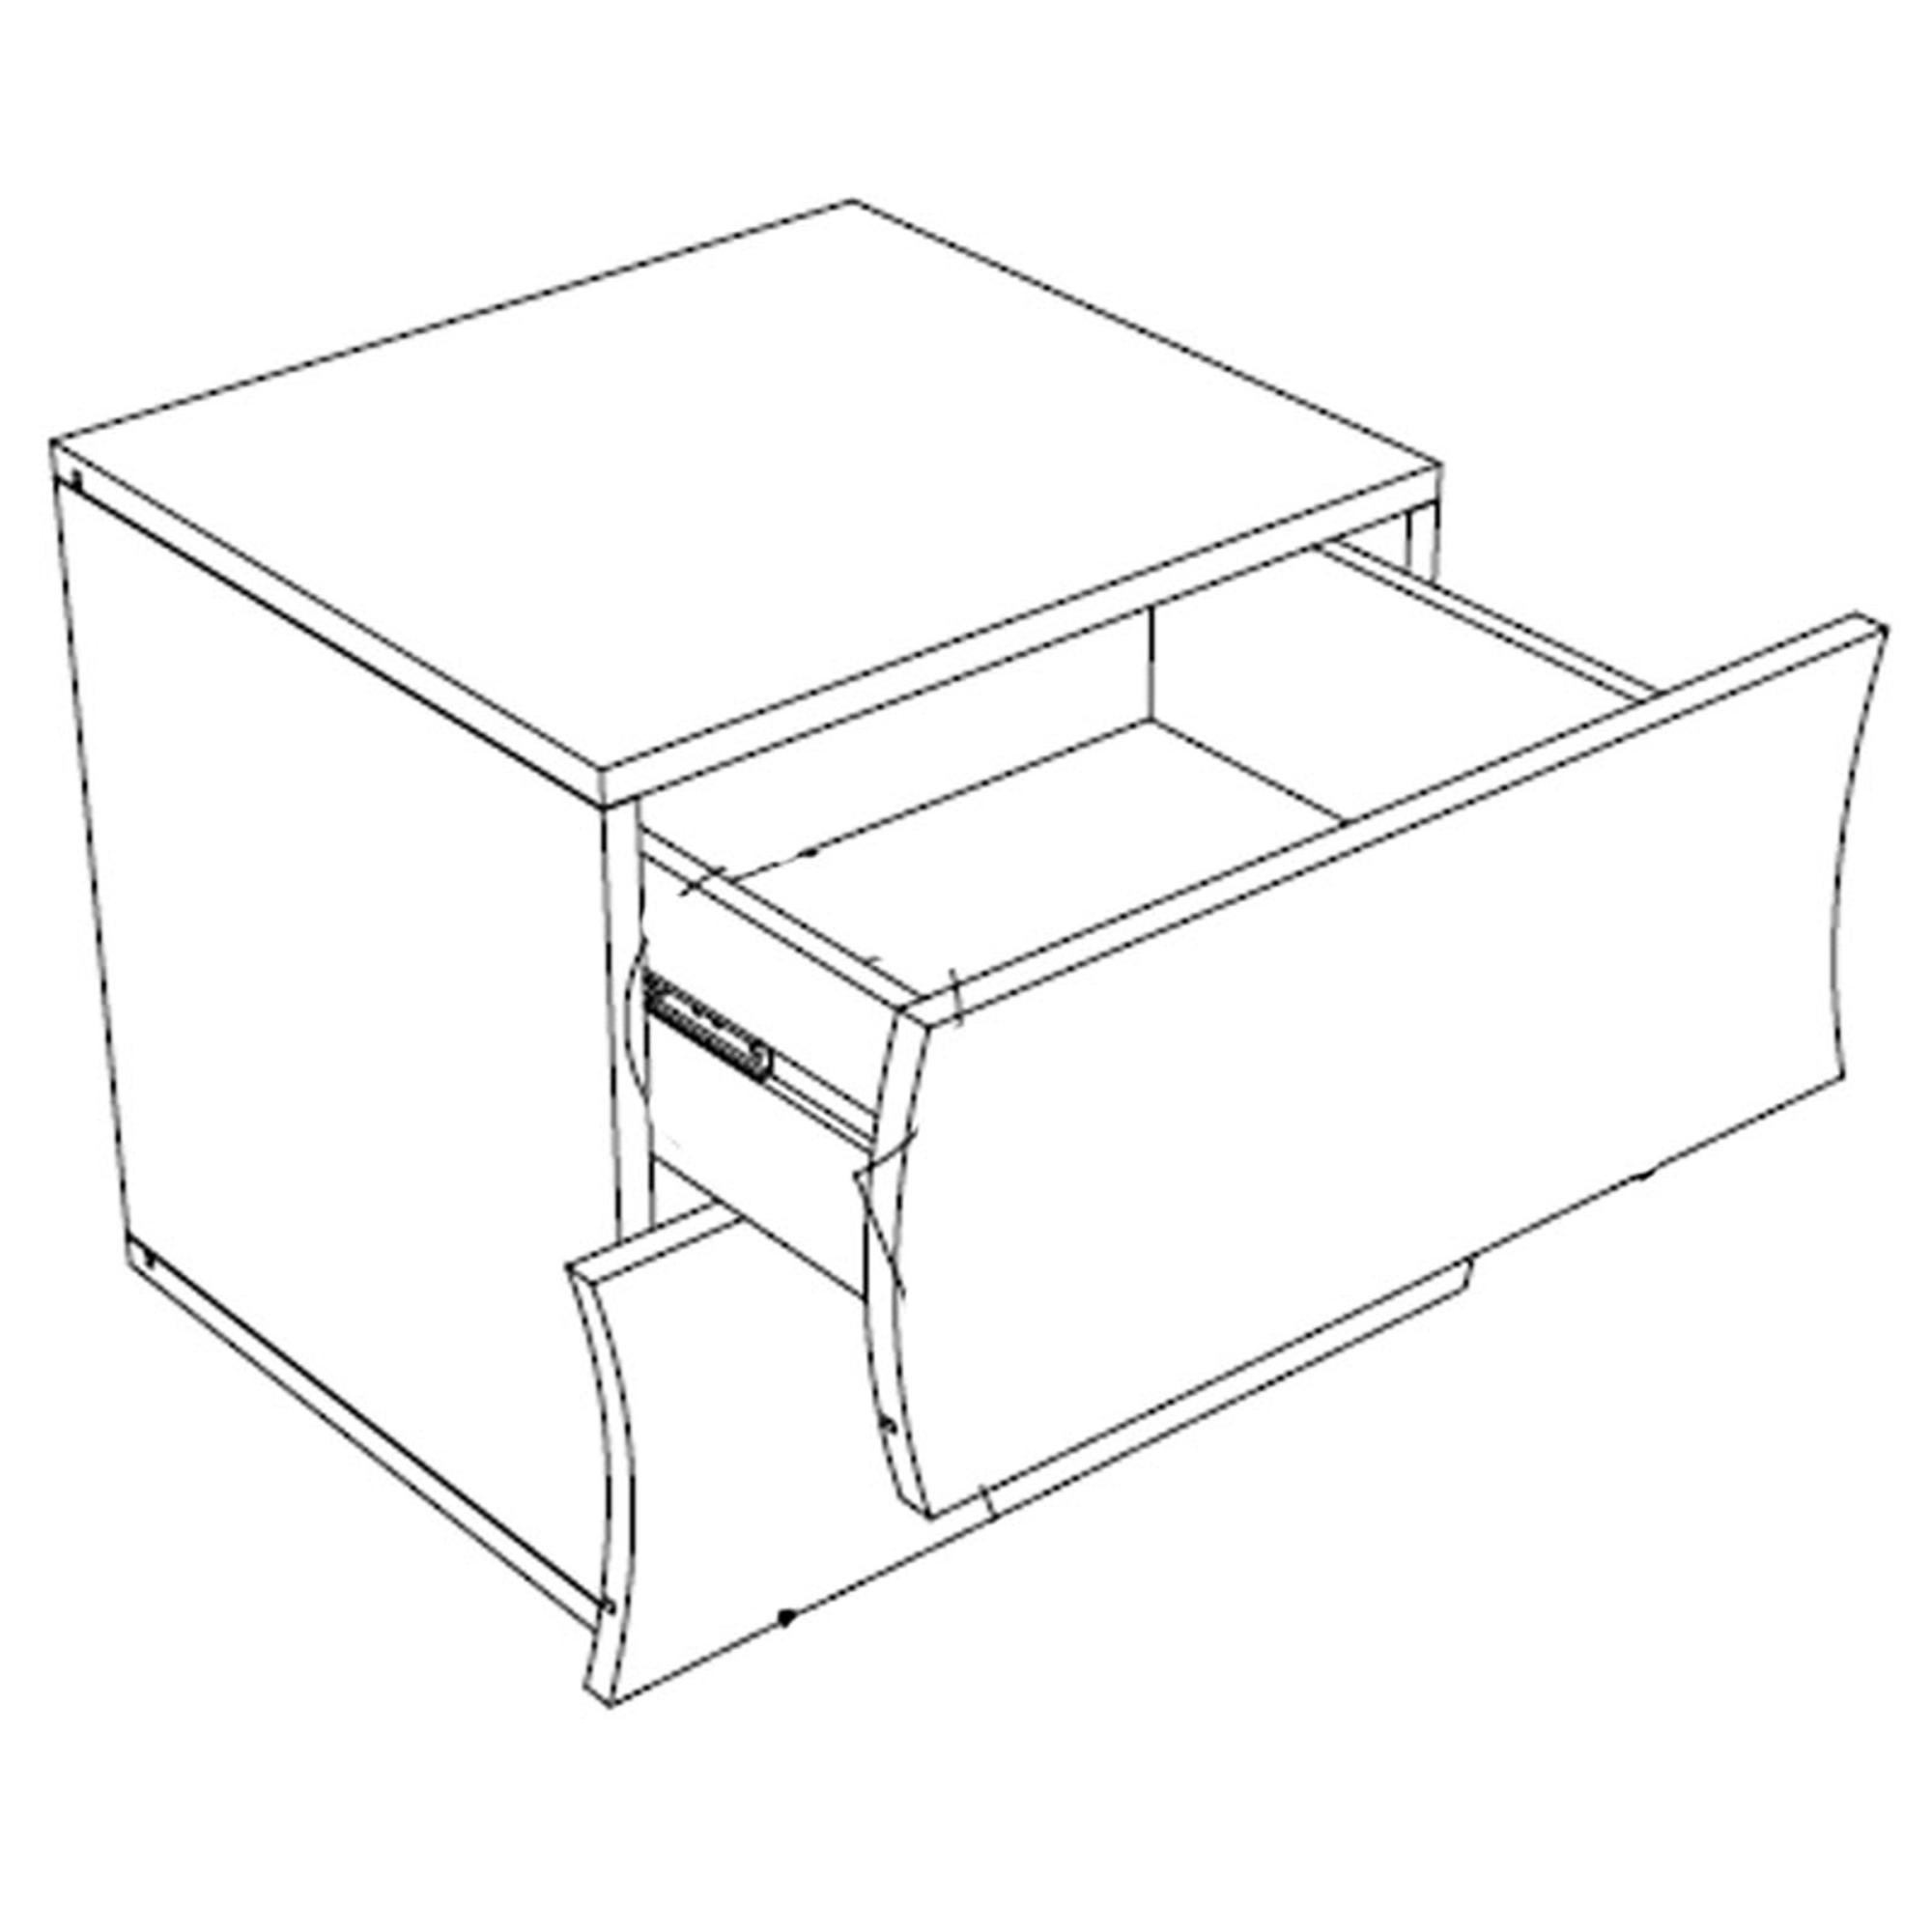 Cucine Componibili In Kit Di Montaggio: Cucine in kit di montaggio qualita materiali guide e ...